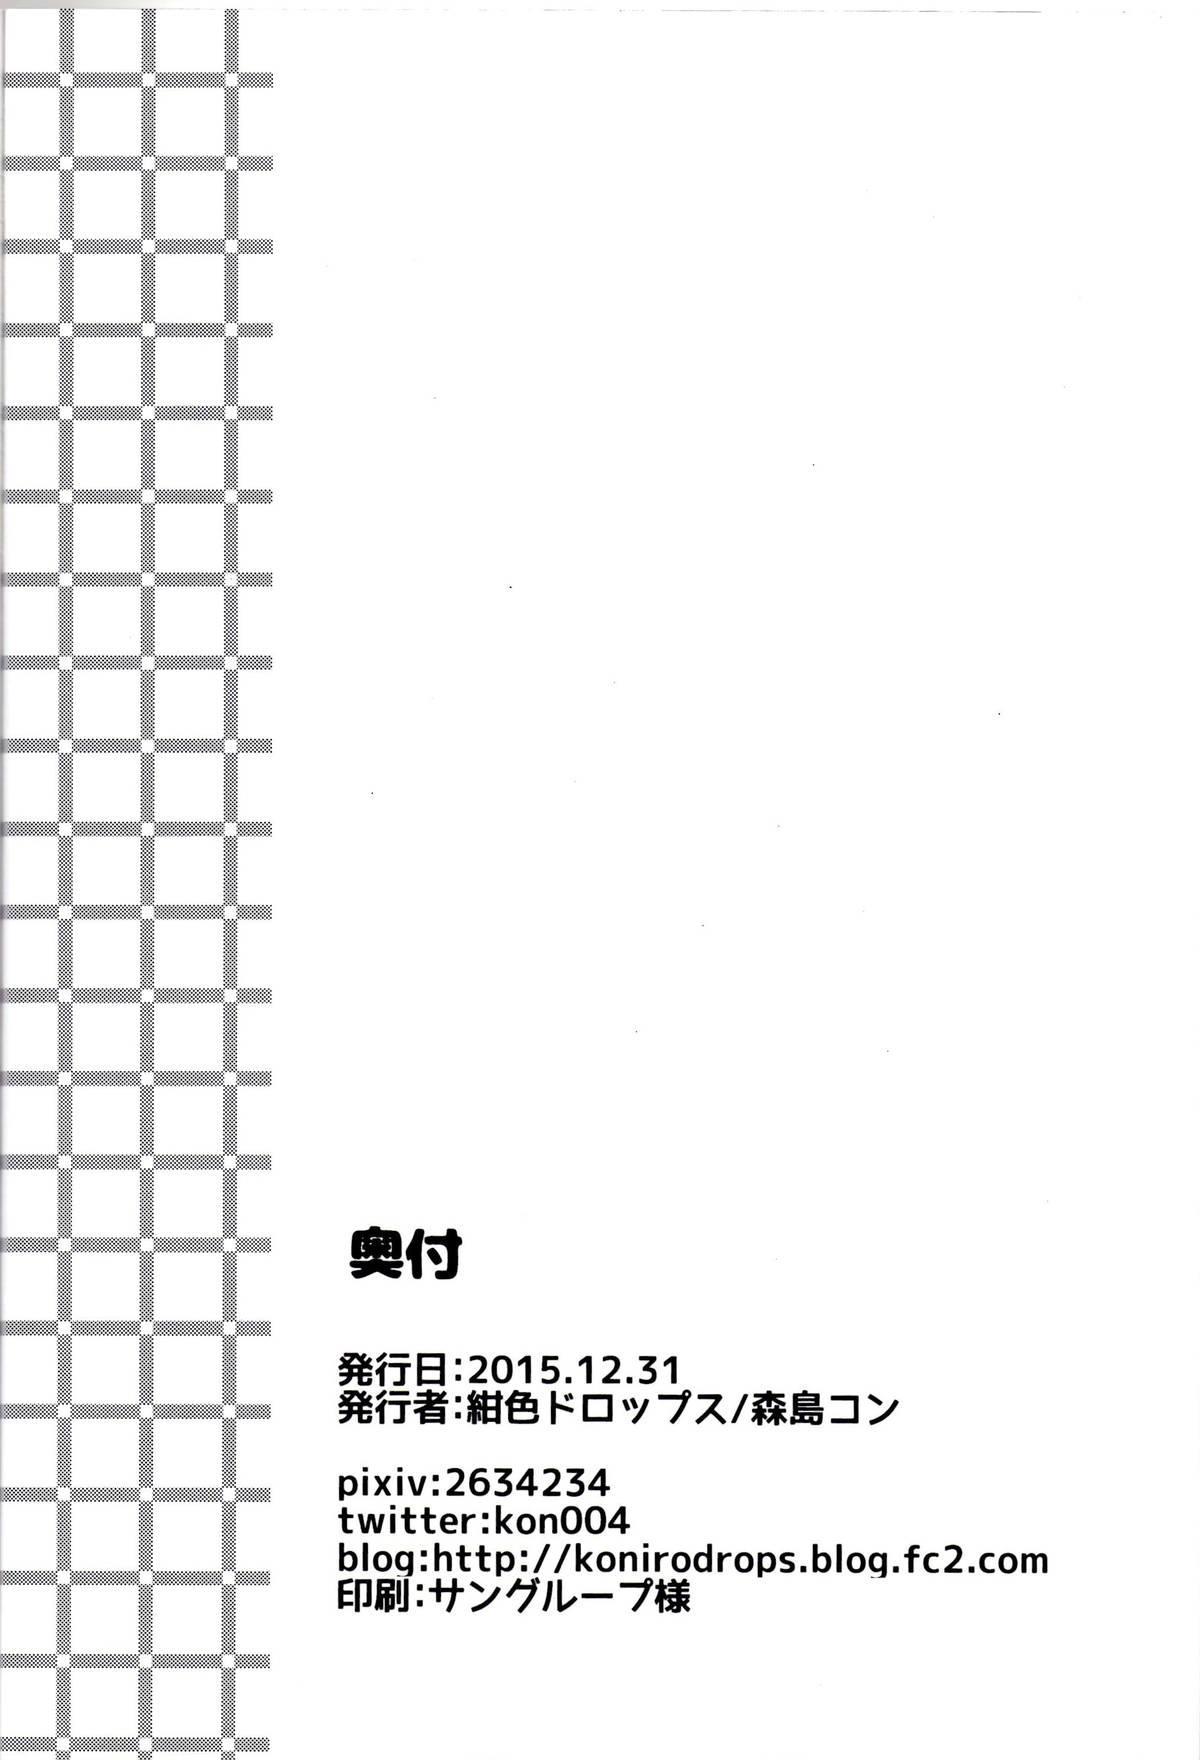 Buki no Seinou to Are no Seinou wa Onaji rashii 24